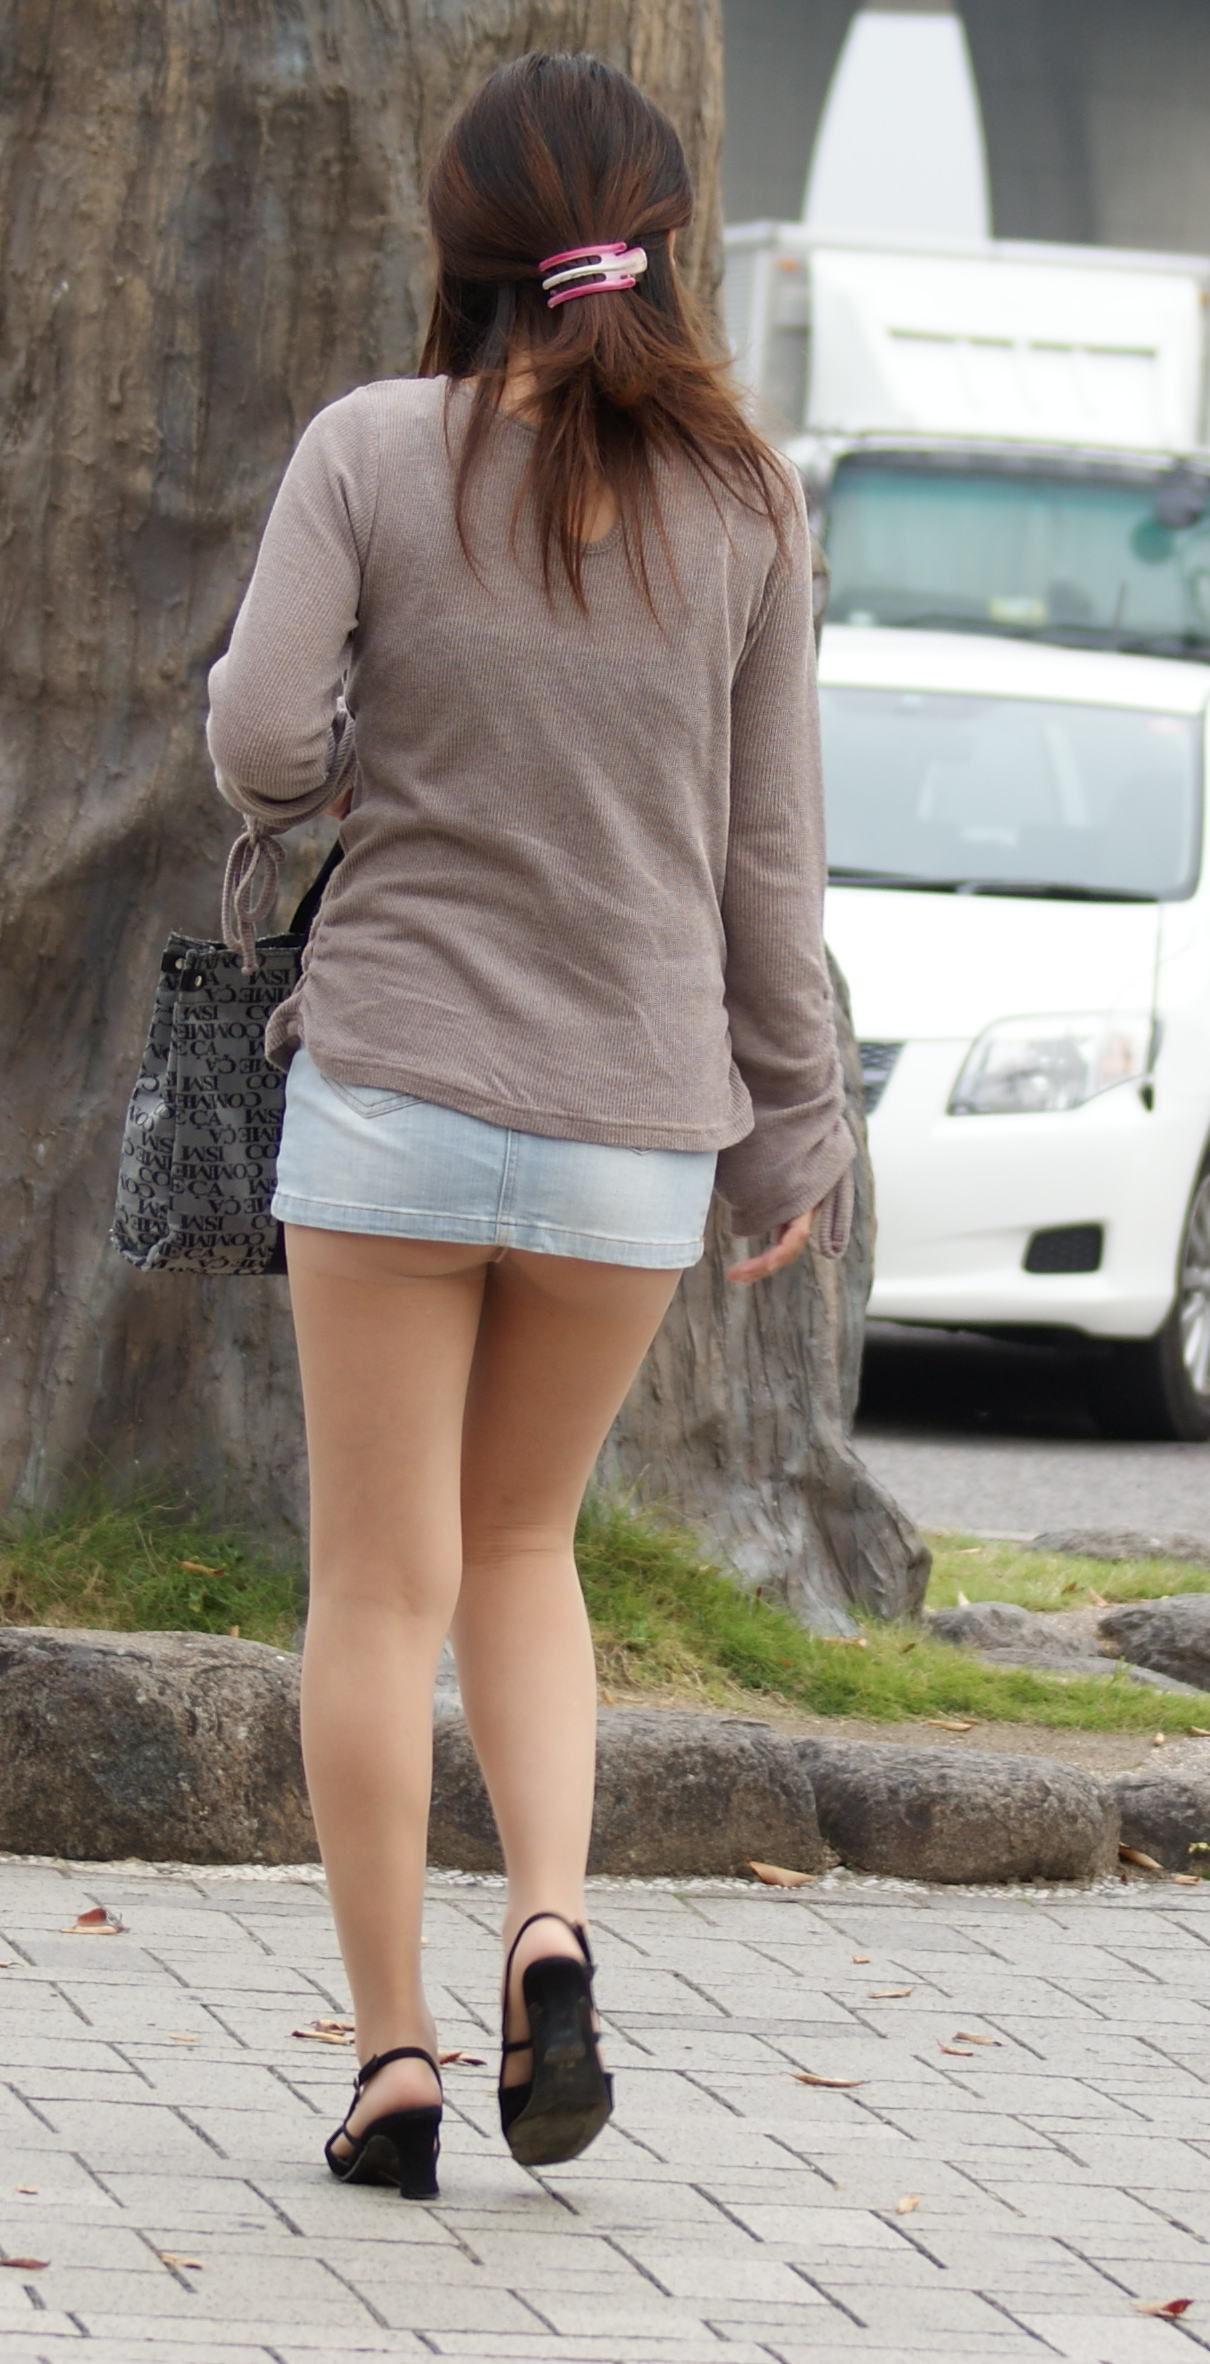 【チラリズムエロ画像】パンツ見えなくてもコレなら諦めつくwミニスカ尻チラwww 01